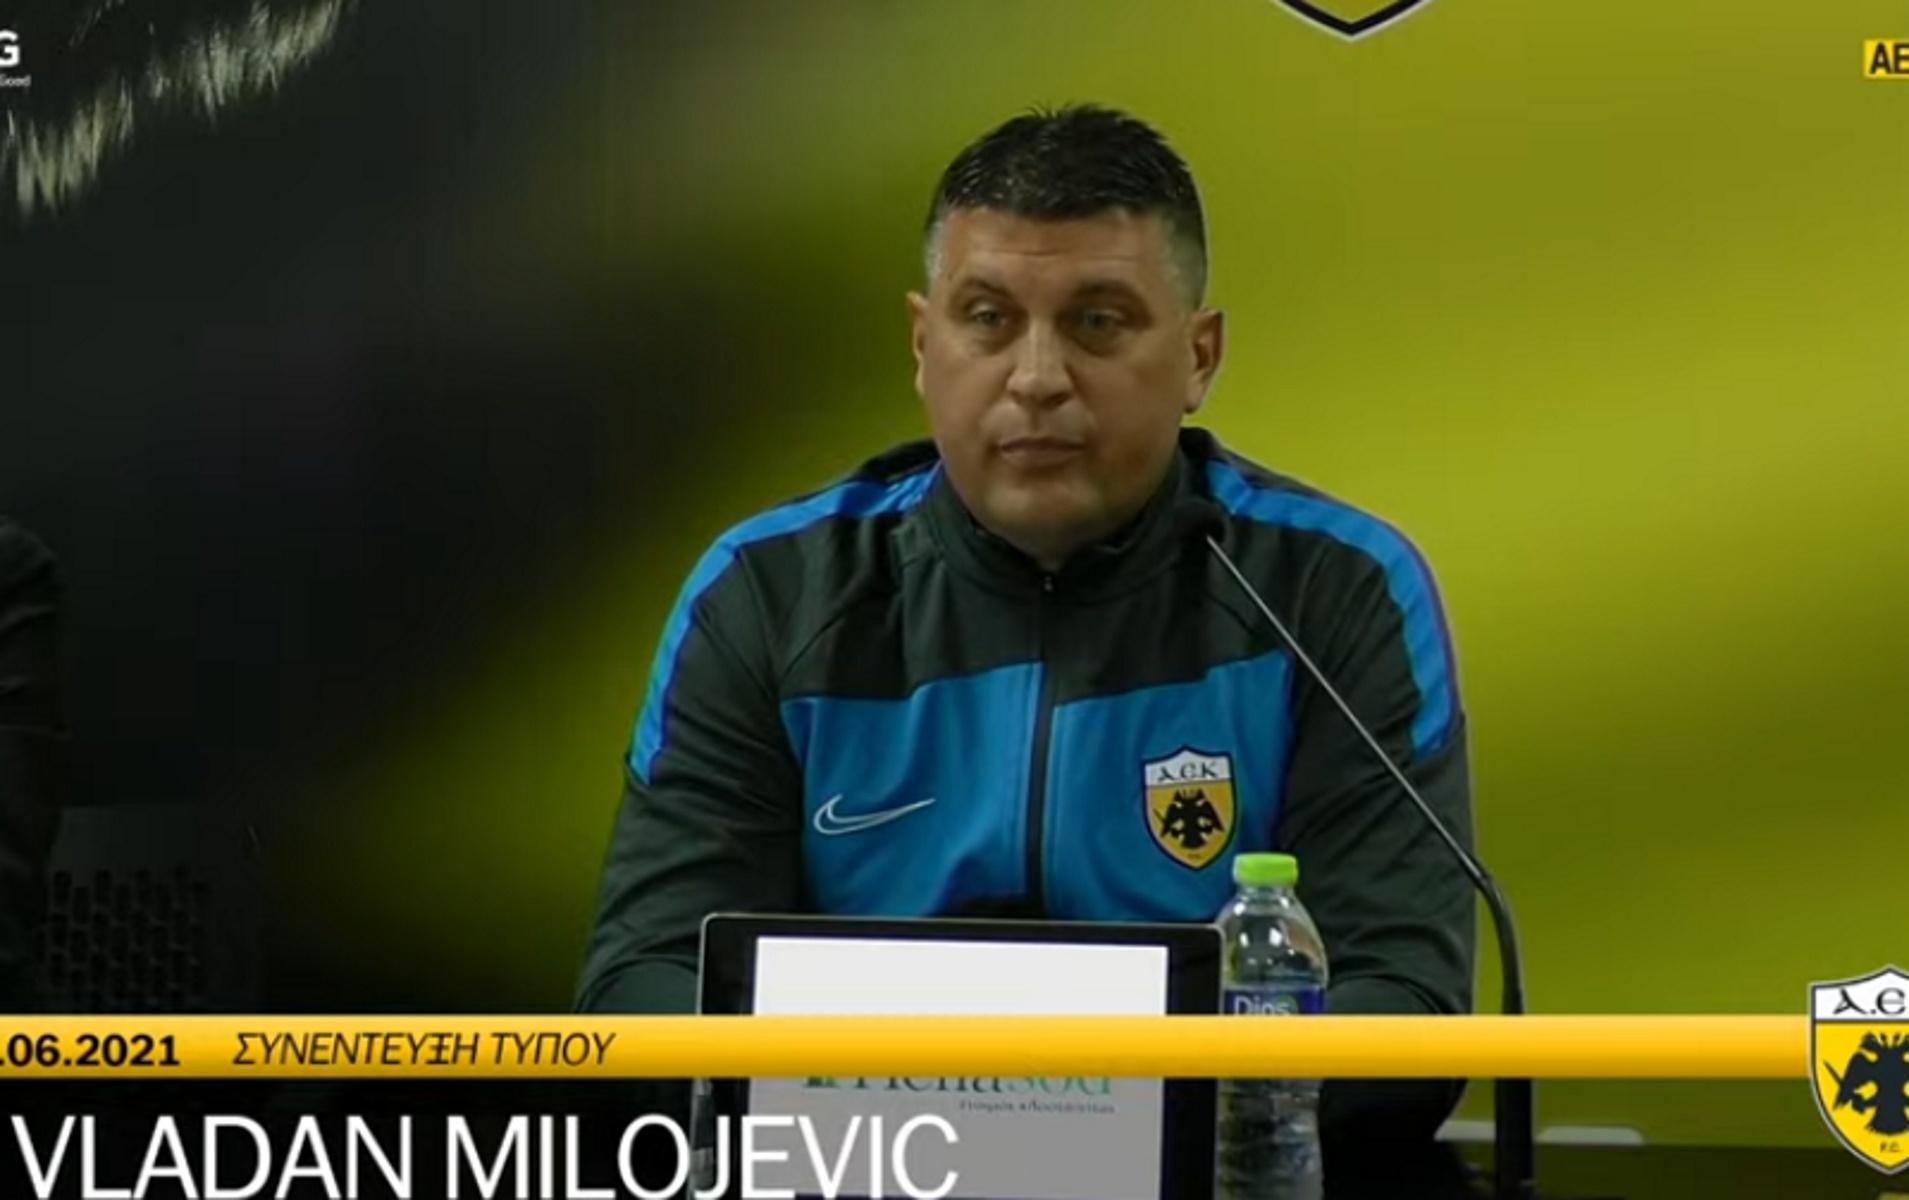 ΑΕΚ: Ο Μιλόγεβιτς «παρουσίασε» την Nike στους «κιτρινόμαυρους»